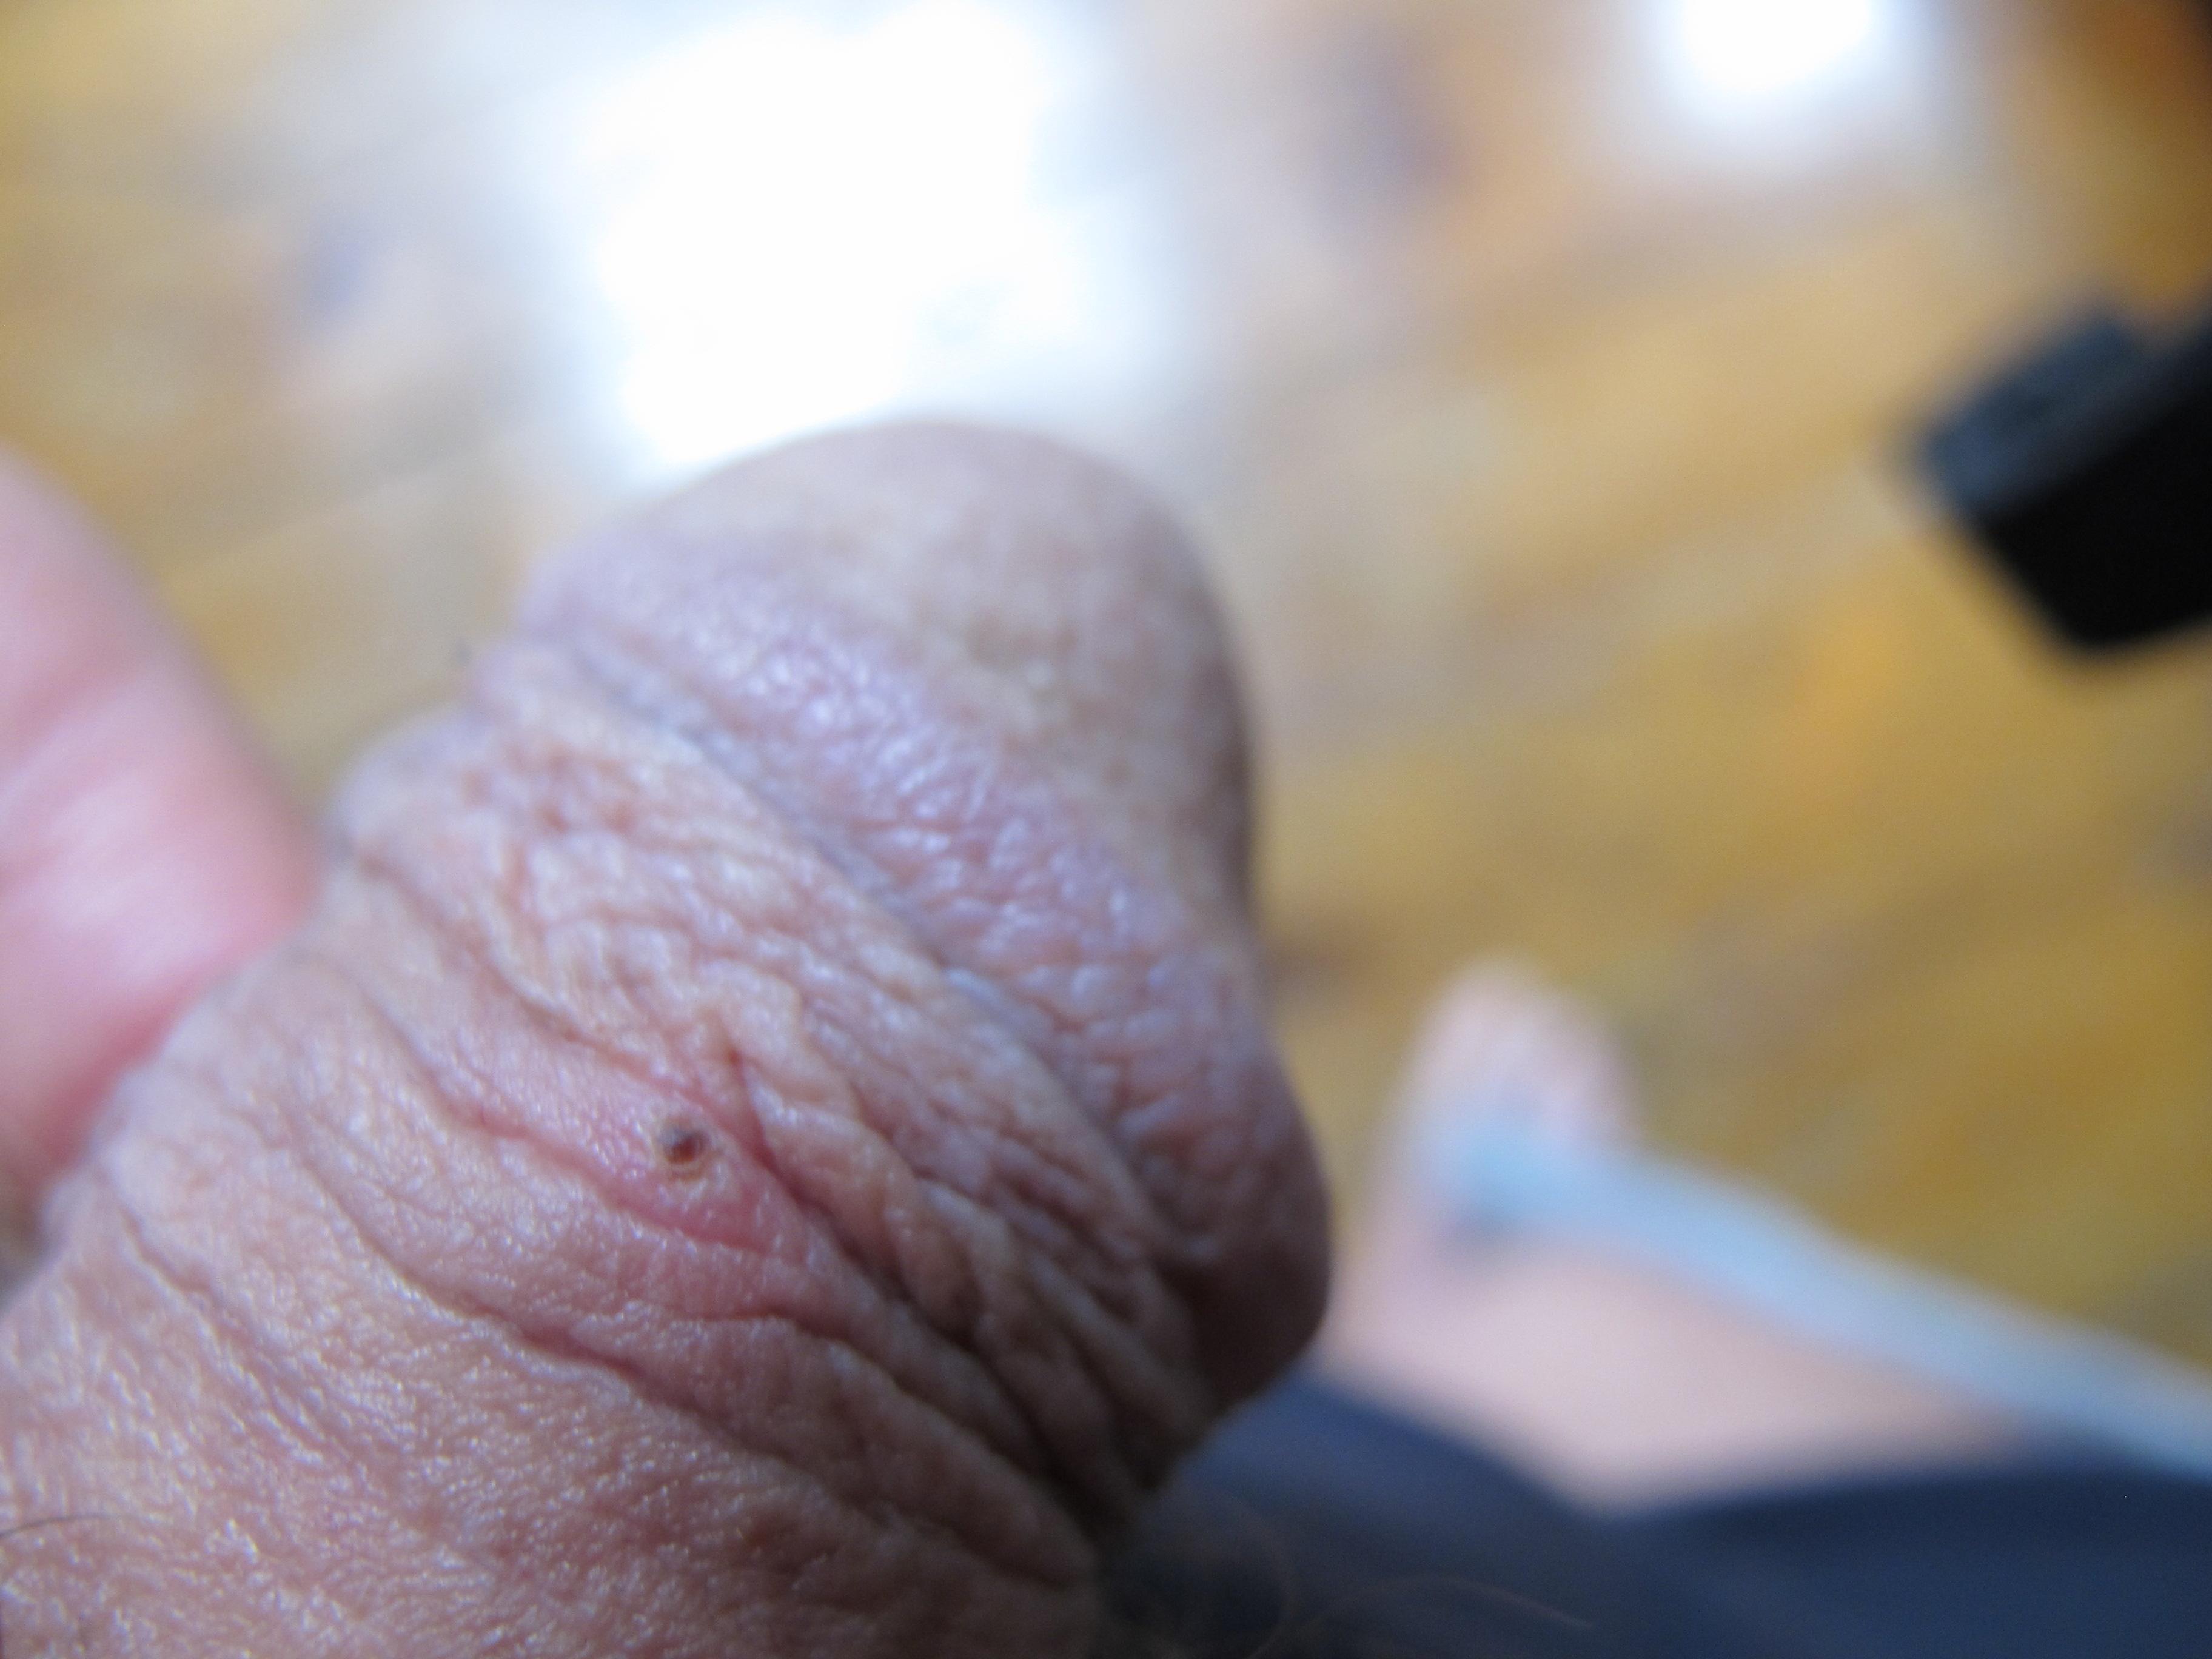 Red Irritated Penis 11